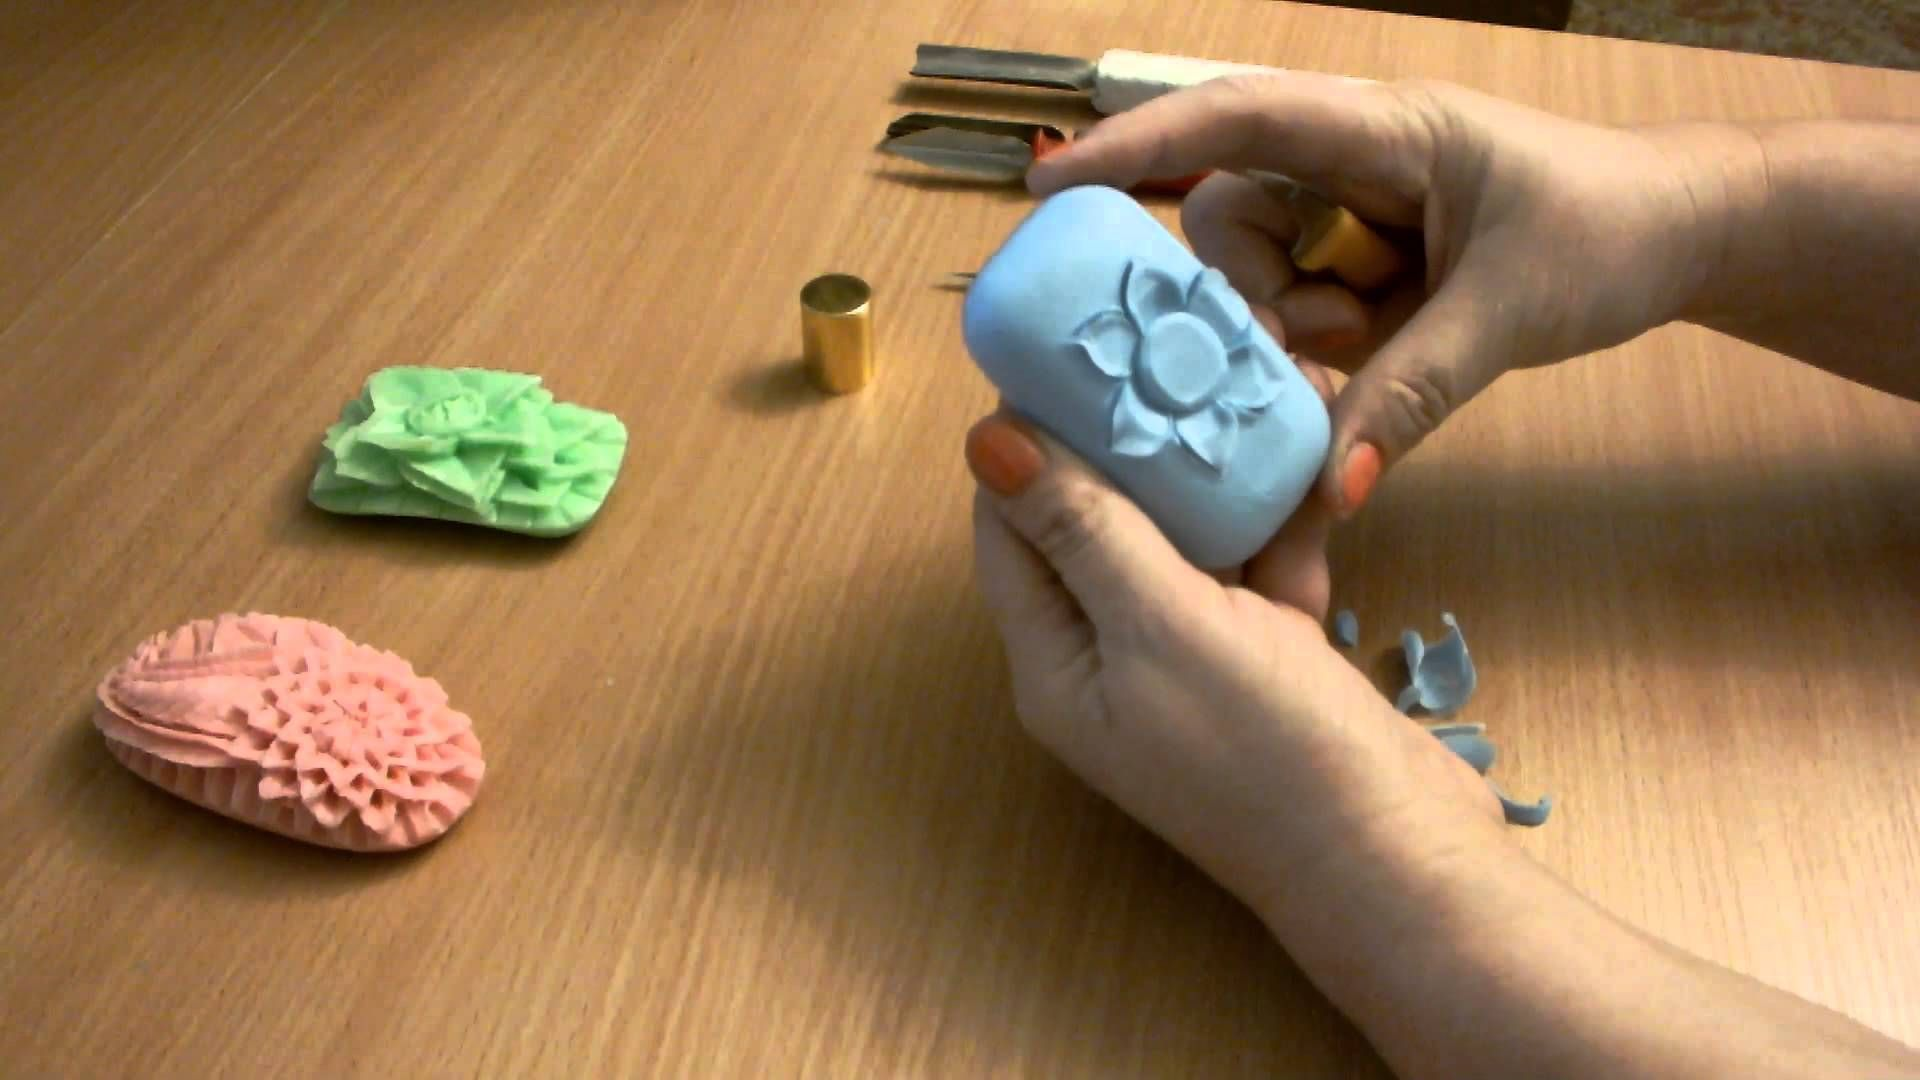 карвинг на мыле синий цветок at the soap carving cosméticos e